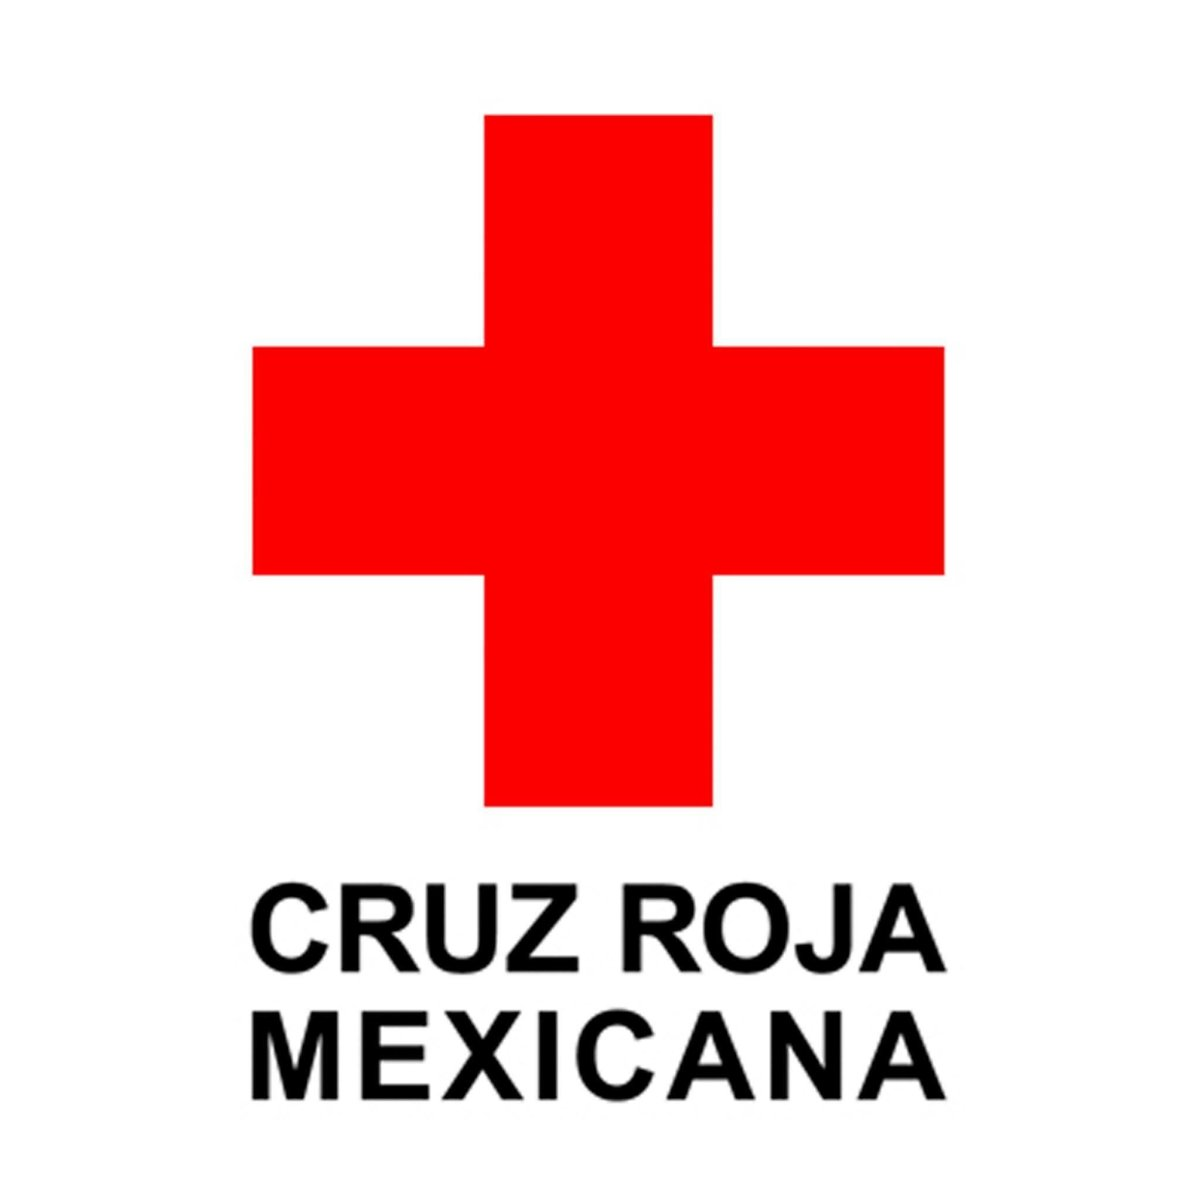 Colecta anual 2017 Cruz Roja Mexicana